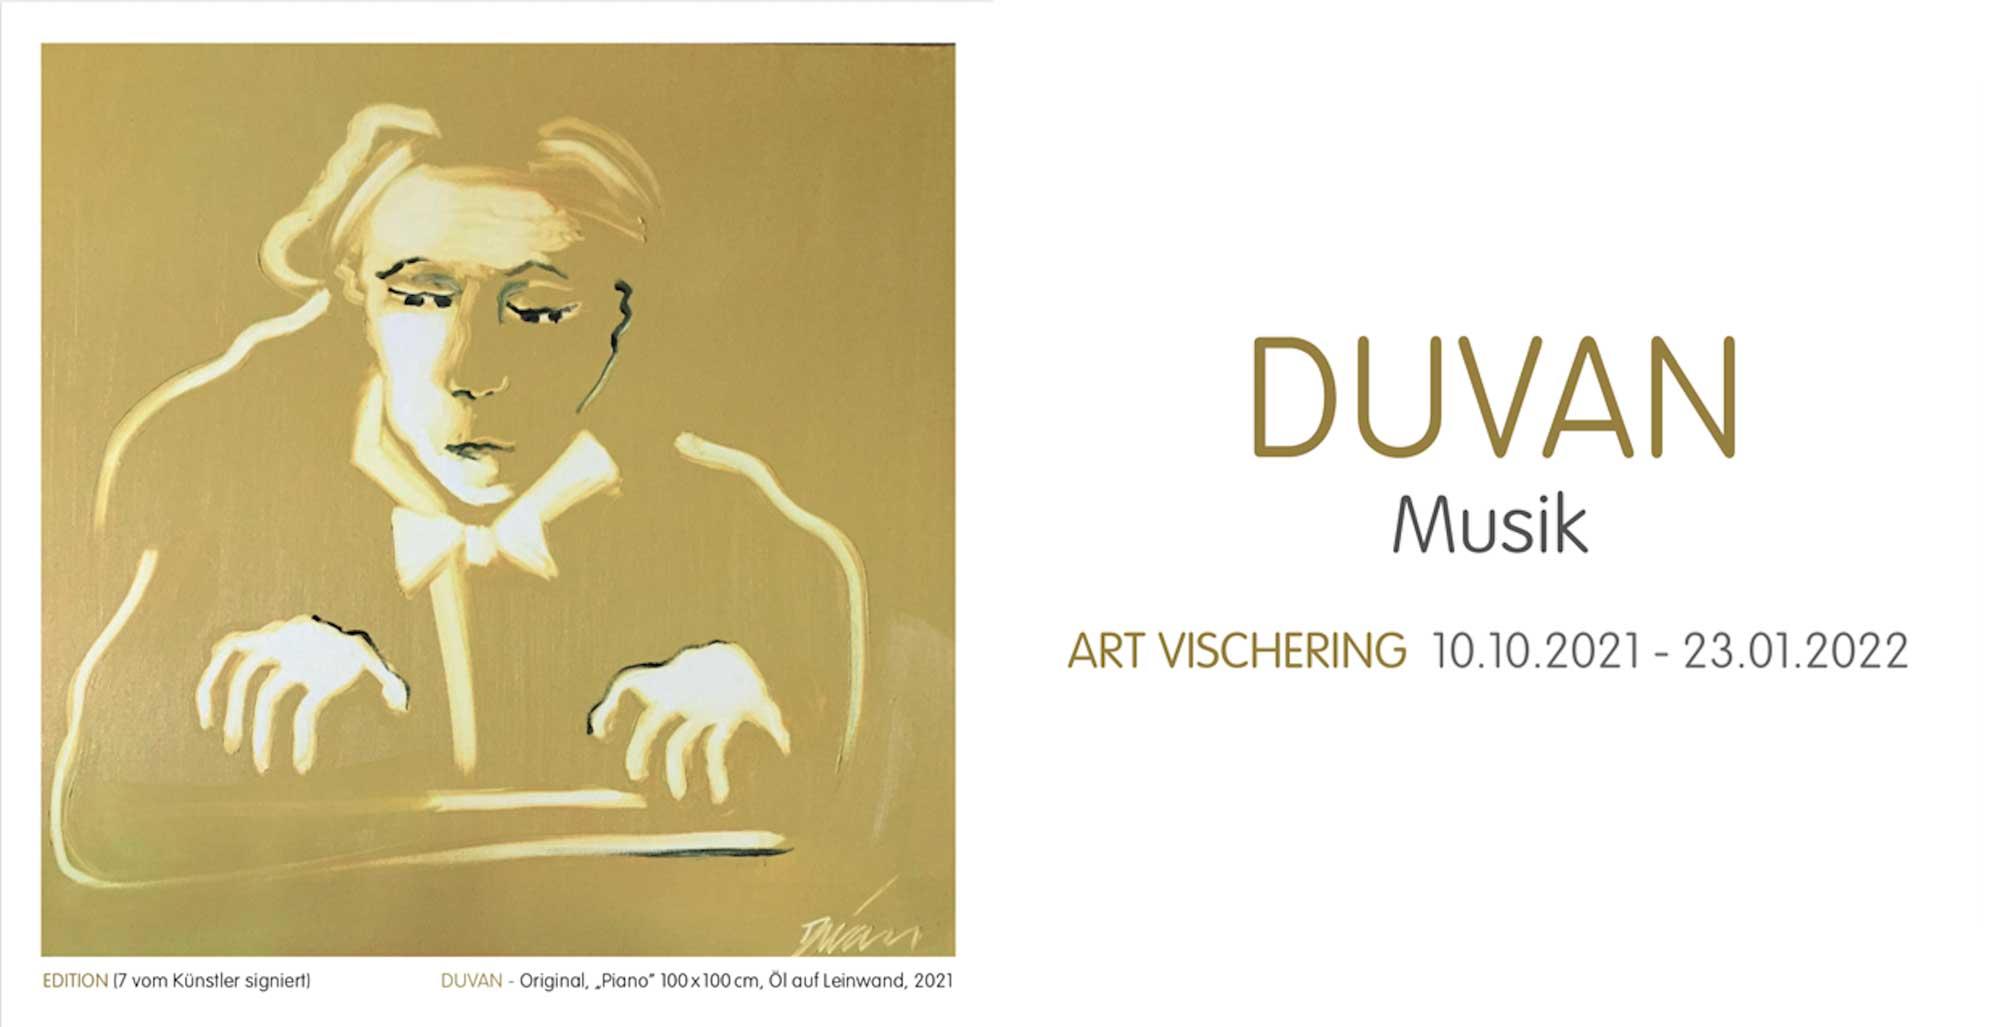 DUVAN_Music_Vischering_Titel